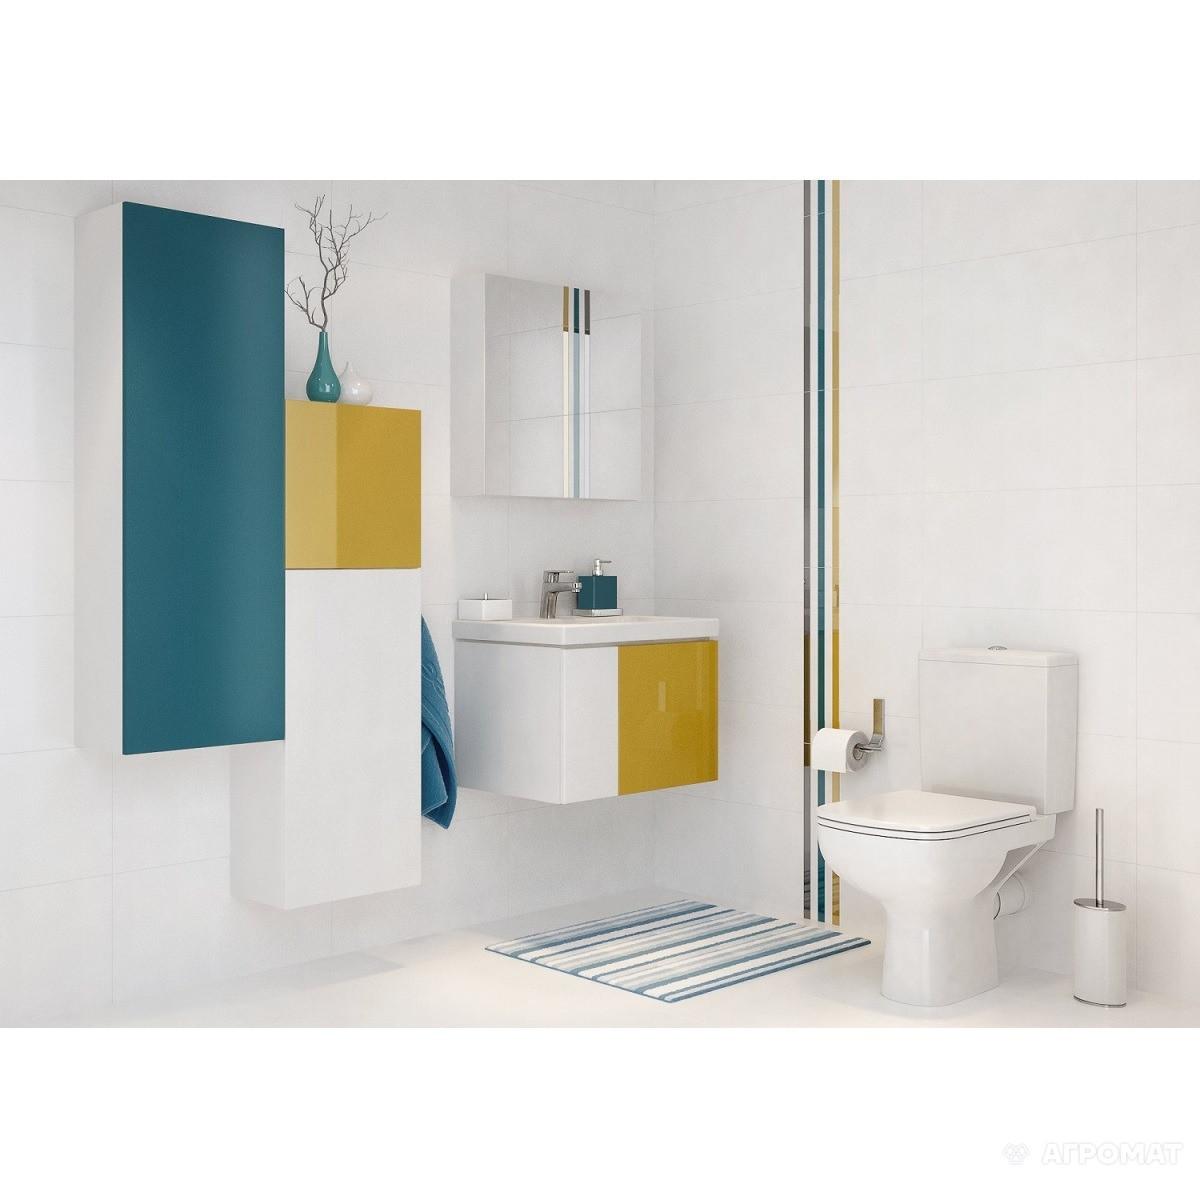 Cersanit Компакт Colour 011 без сидения